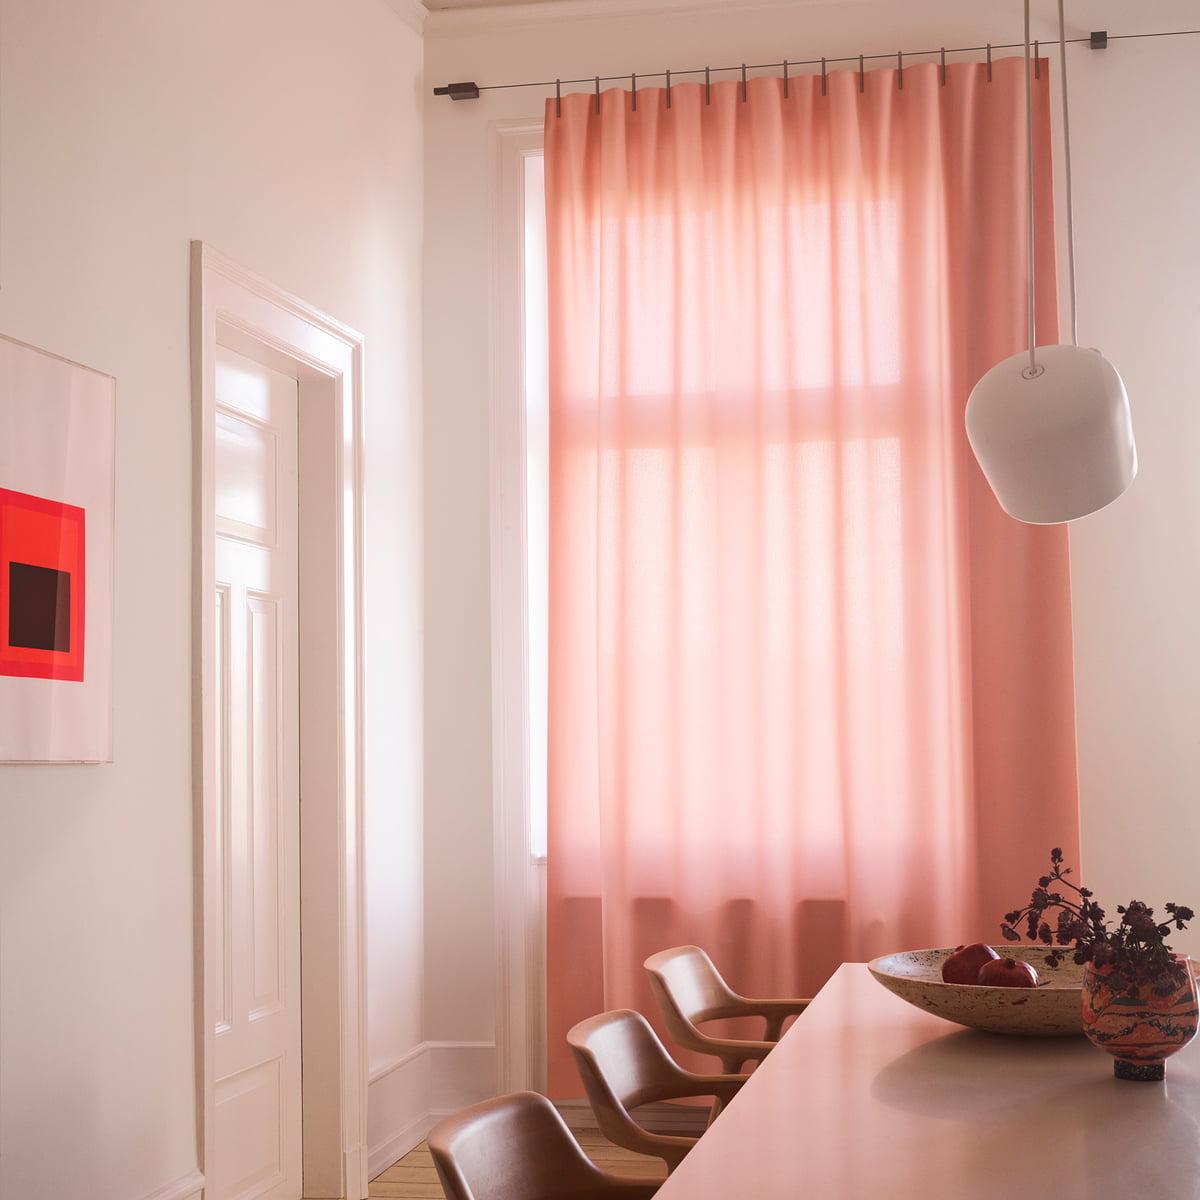 kvadrat gardiner Ready Made Curtain fra Kvadrat | Connox Interiørshop kvadrat gardiner